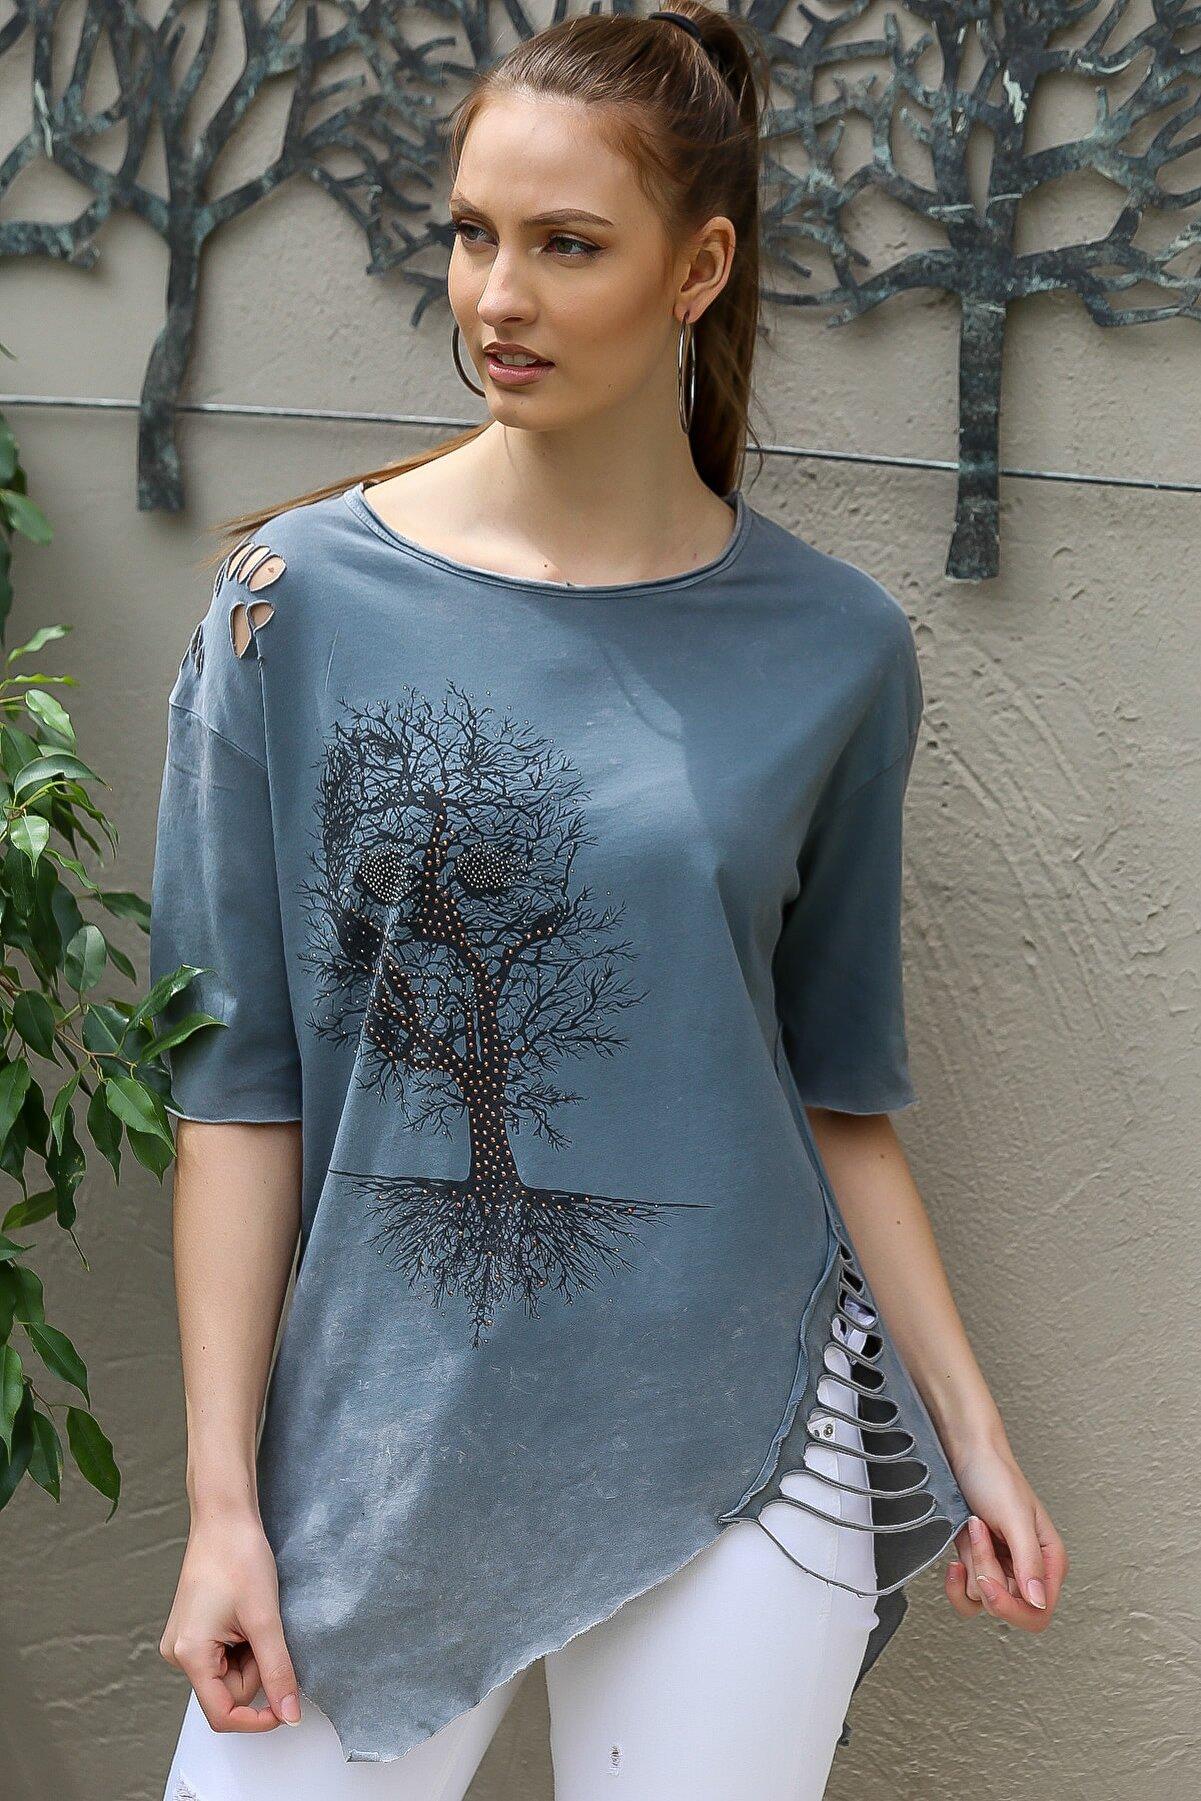 Chiccy Kadın Gri Sıfır Yaka Dev Ağaç Baskılı Yanı Lazer Kesim Asimetrik Yıkamalı T-Shirt M10010300TS98234